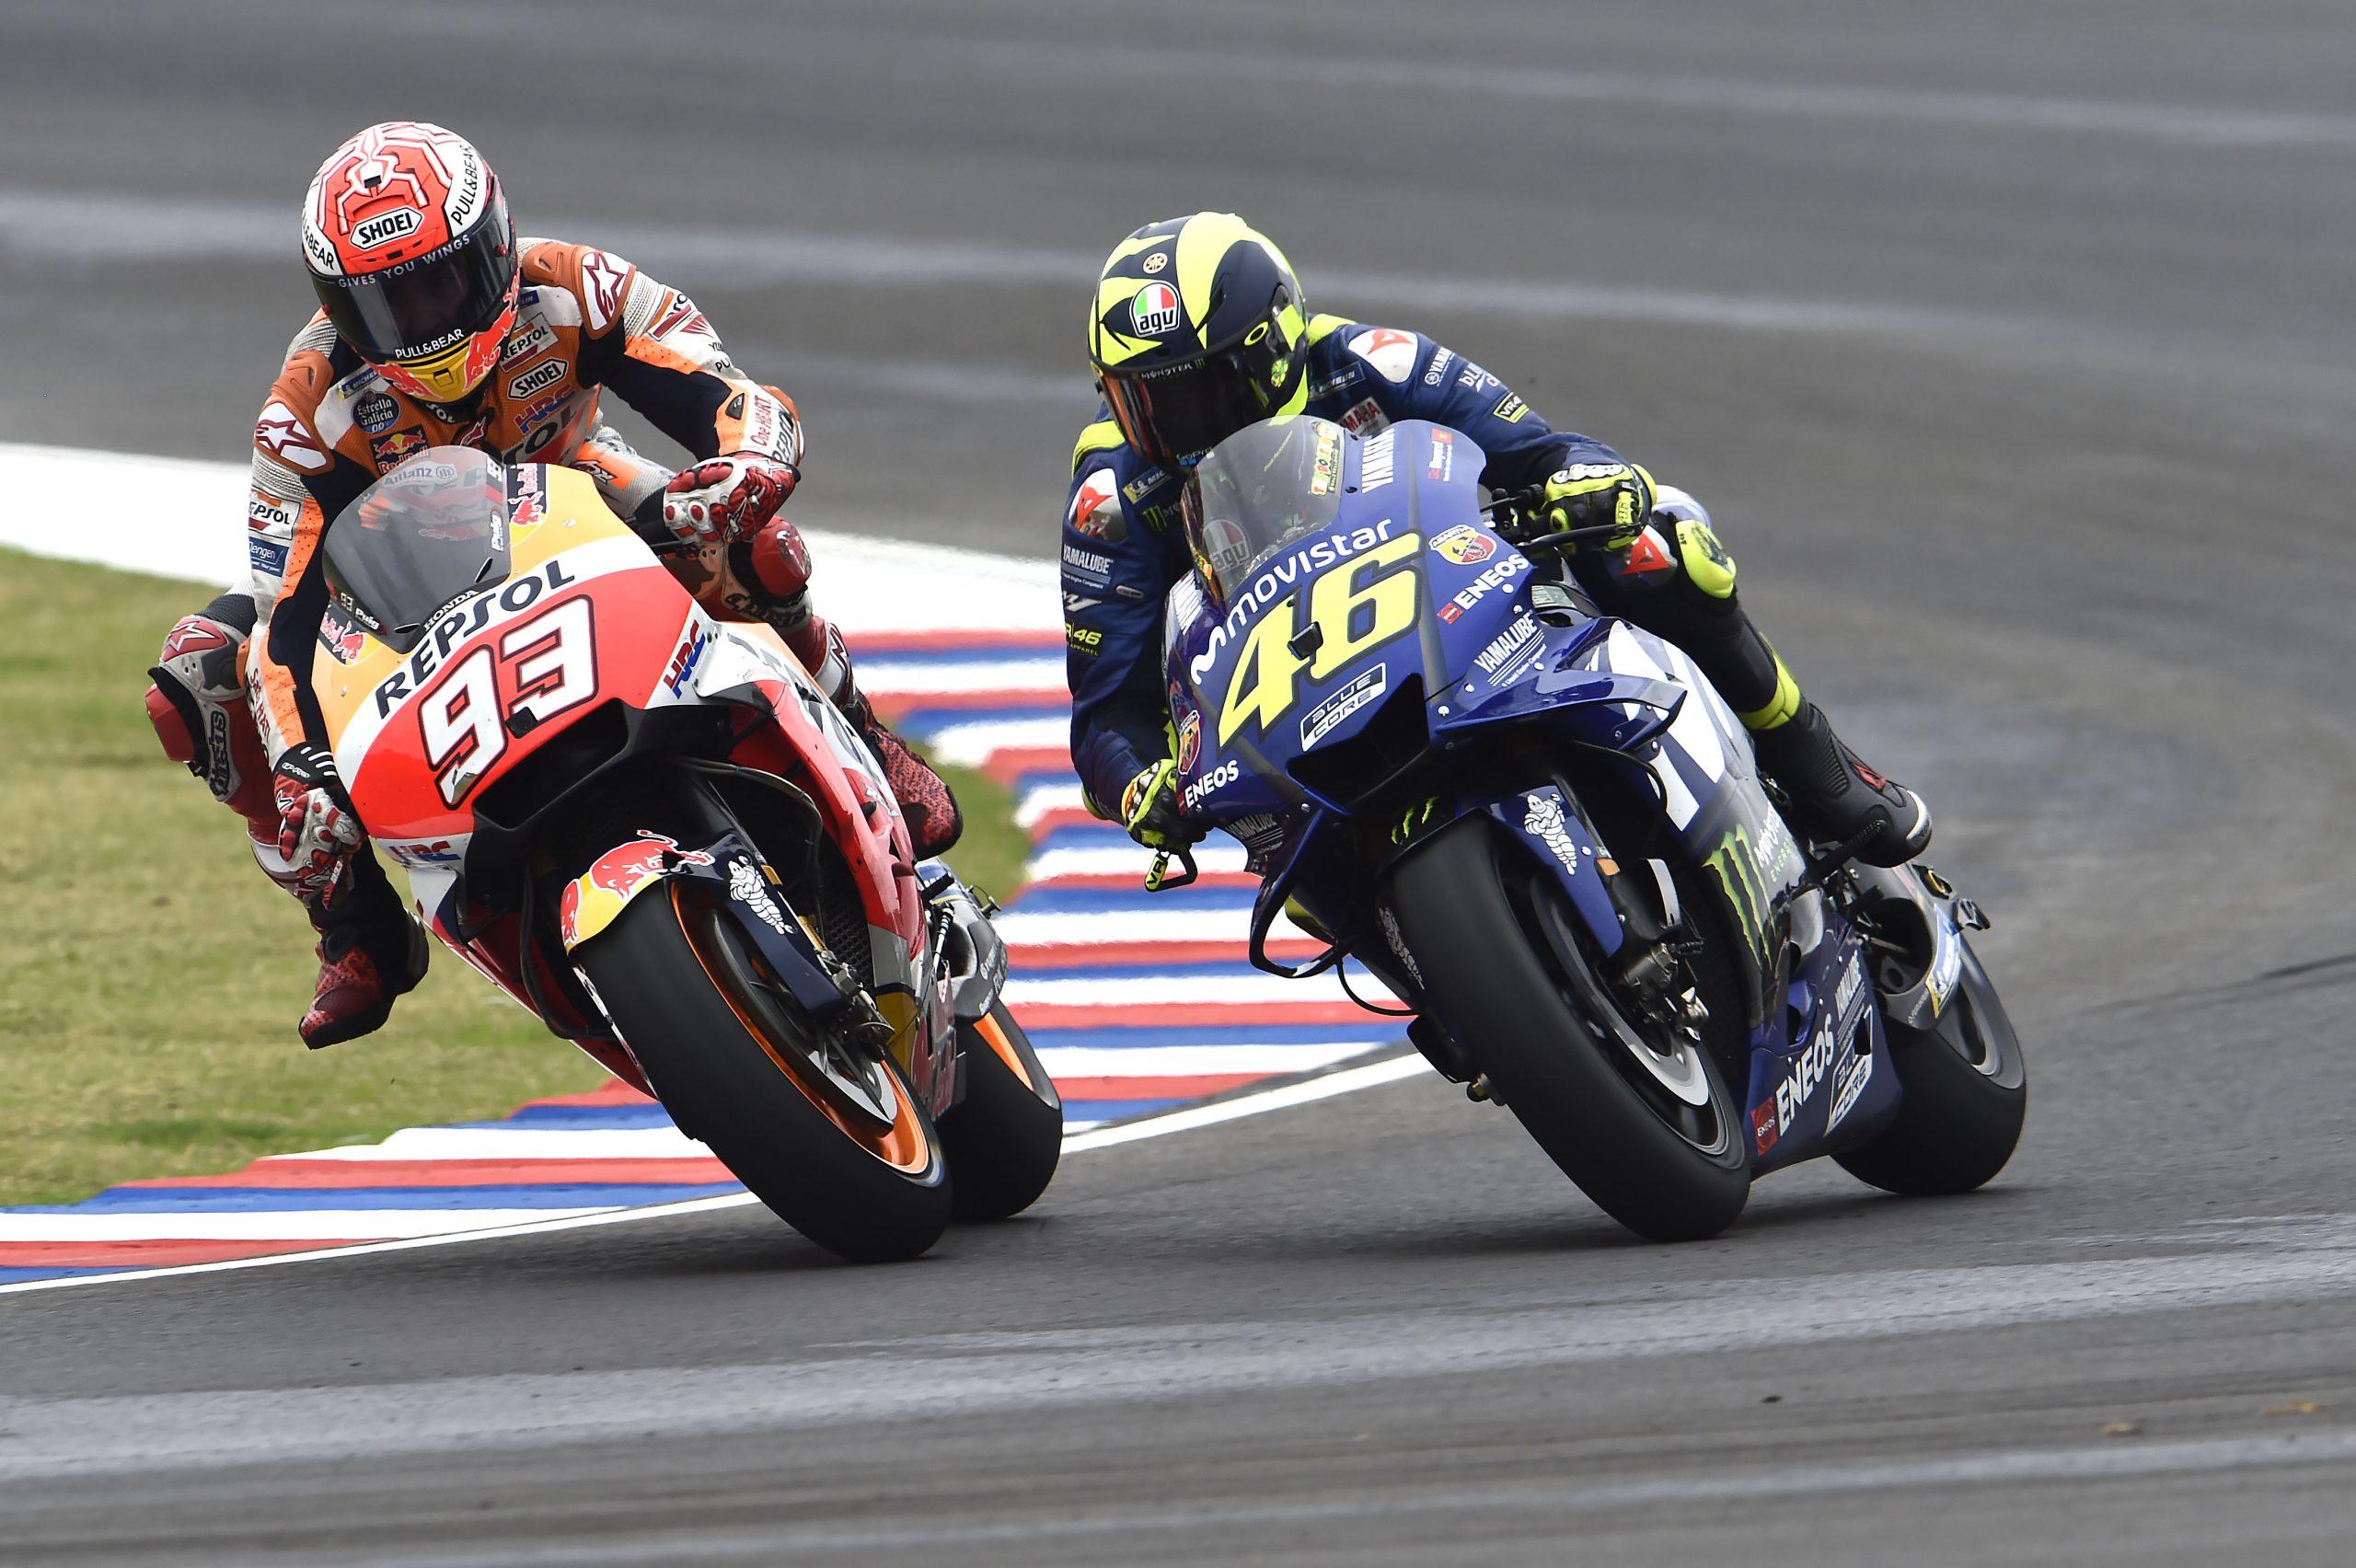 Marquez vs Rossi w Argentynie w 2018